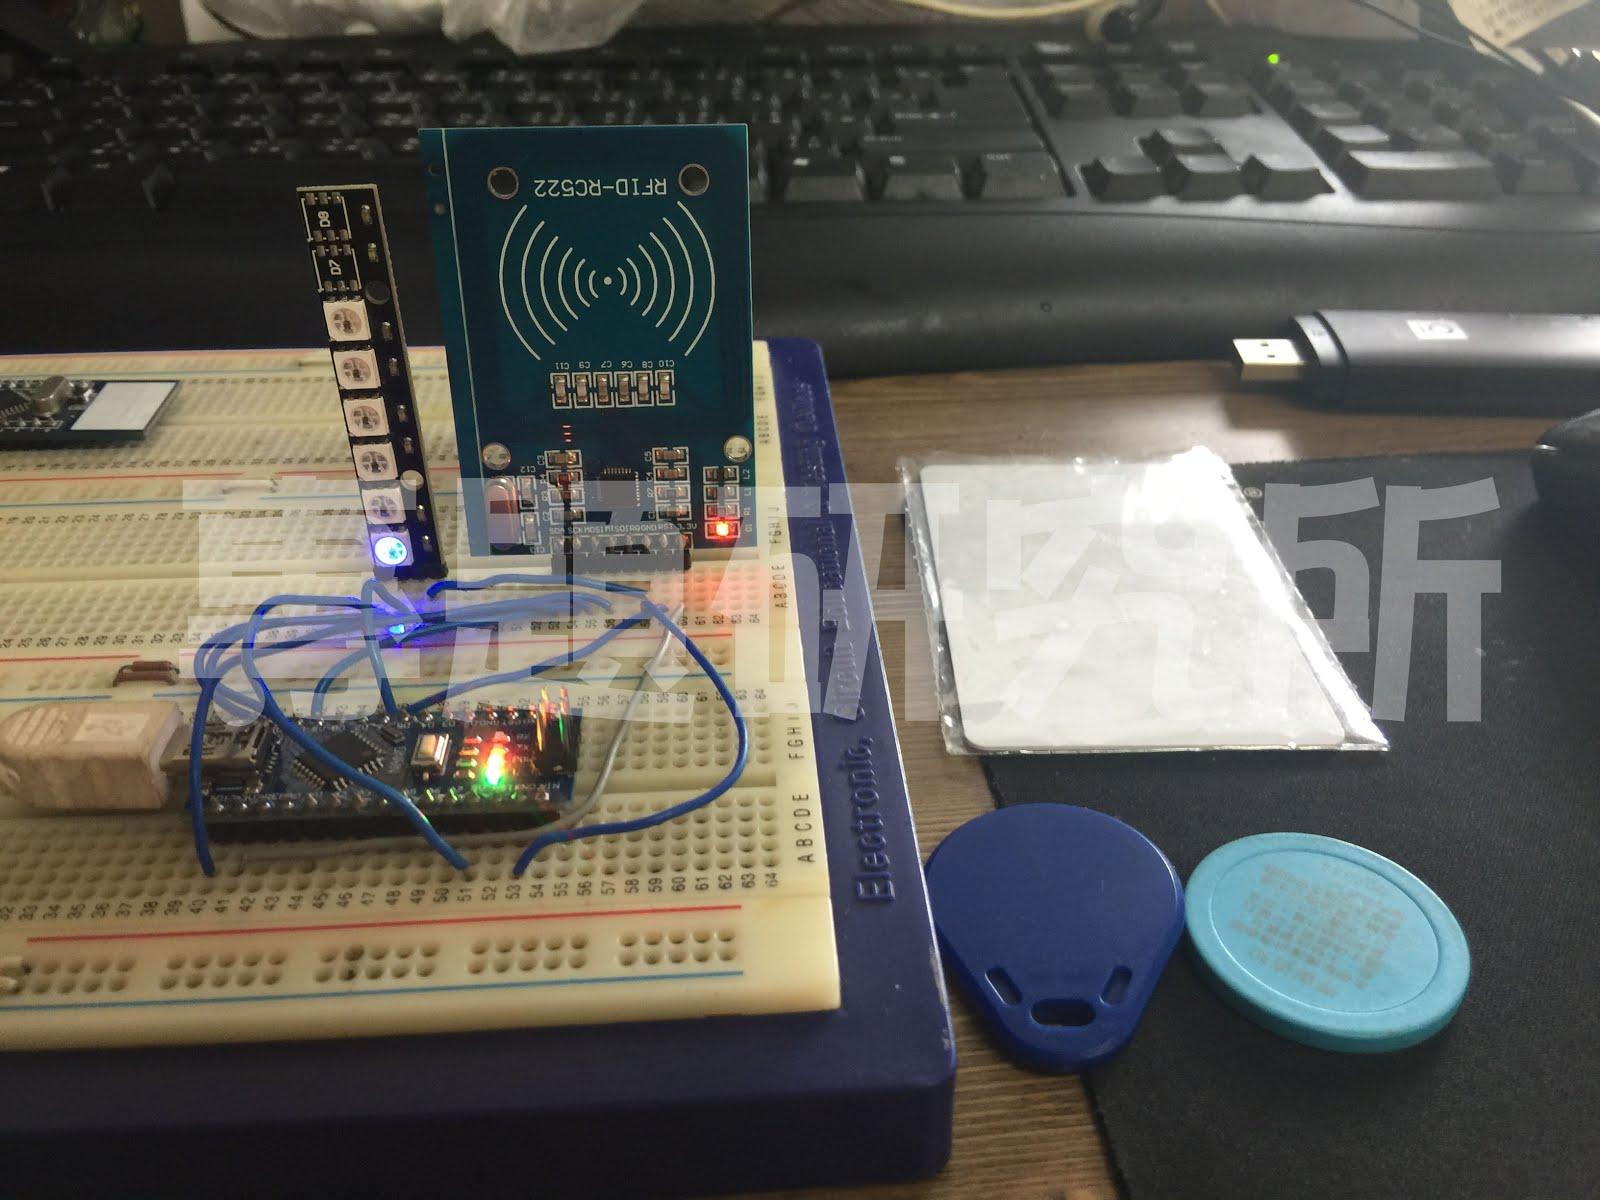 專題研究所: Arduino 運用RC522模組,讀取UID,根據不同的卡片改變LED顏色